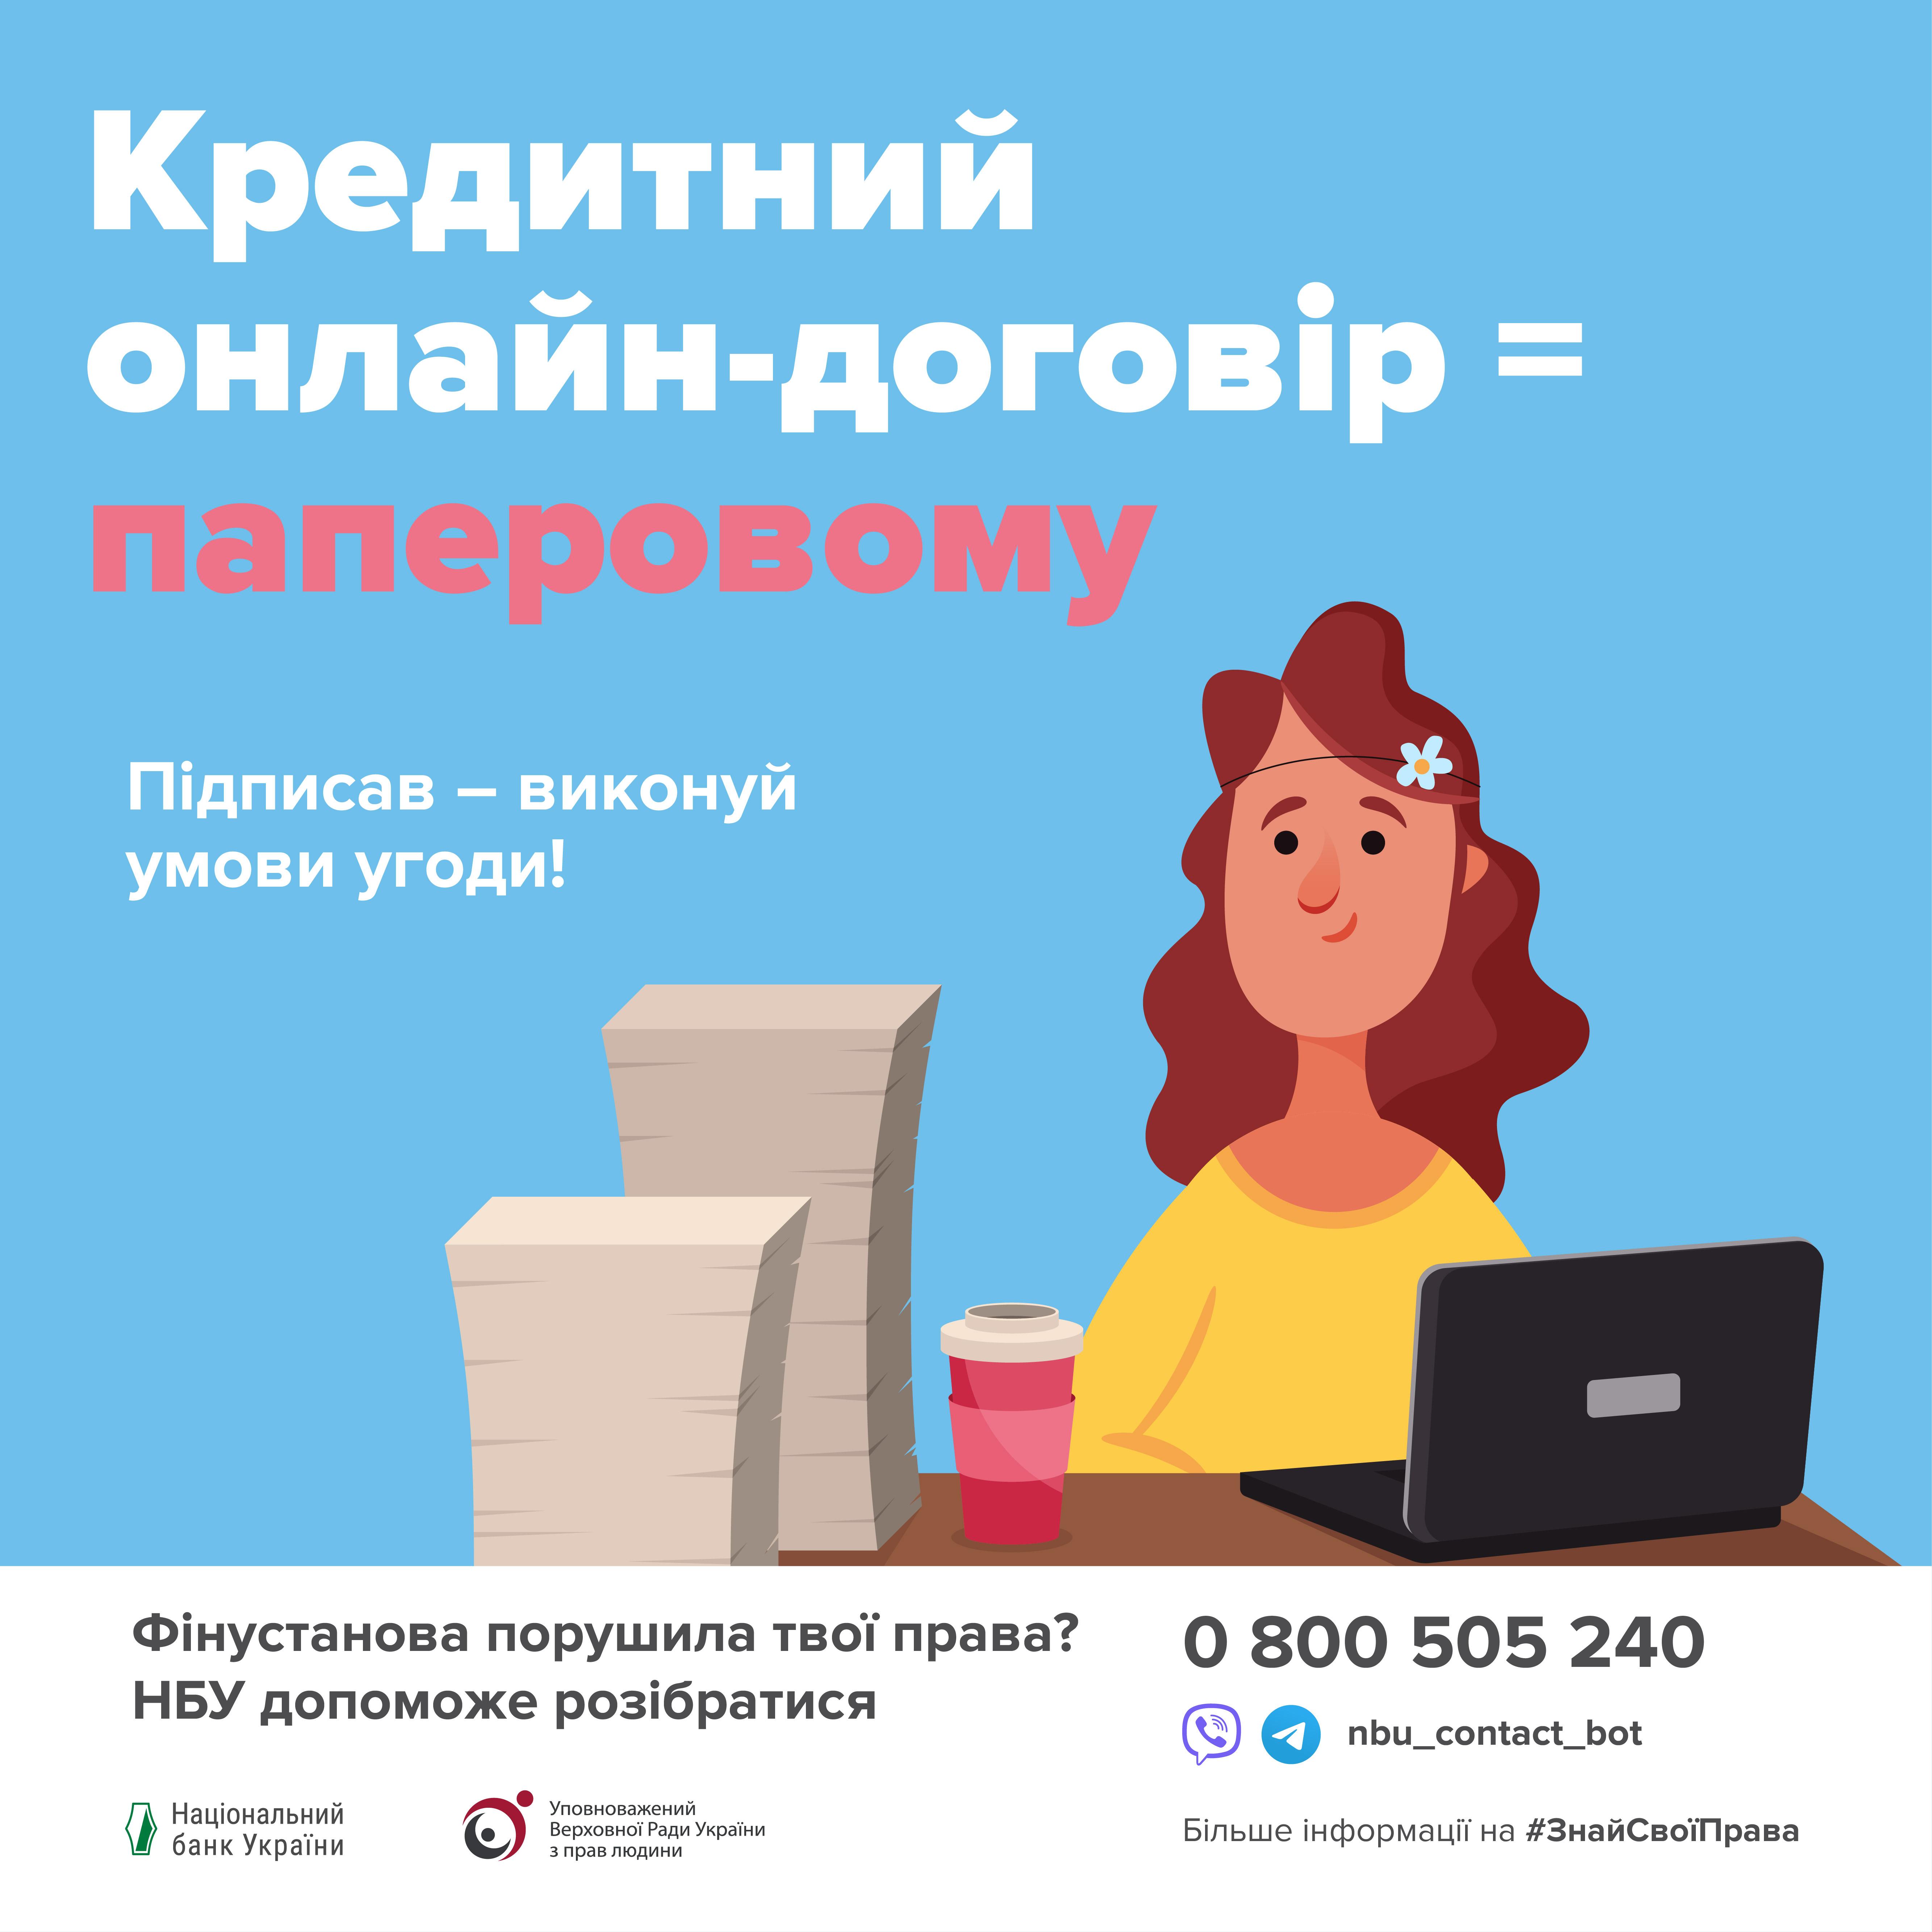 """Фінансова компанія """"Cashpoint"""" долучилась до проекту #ЗнайСвоїПрава"""